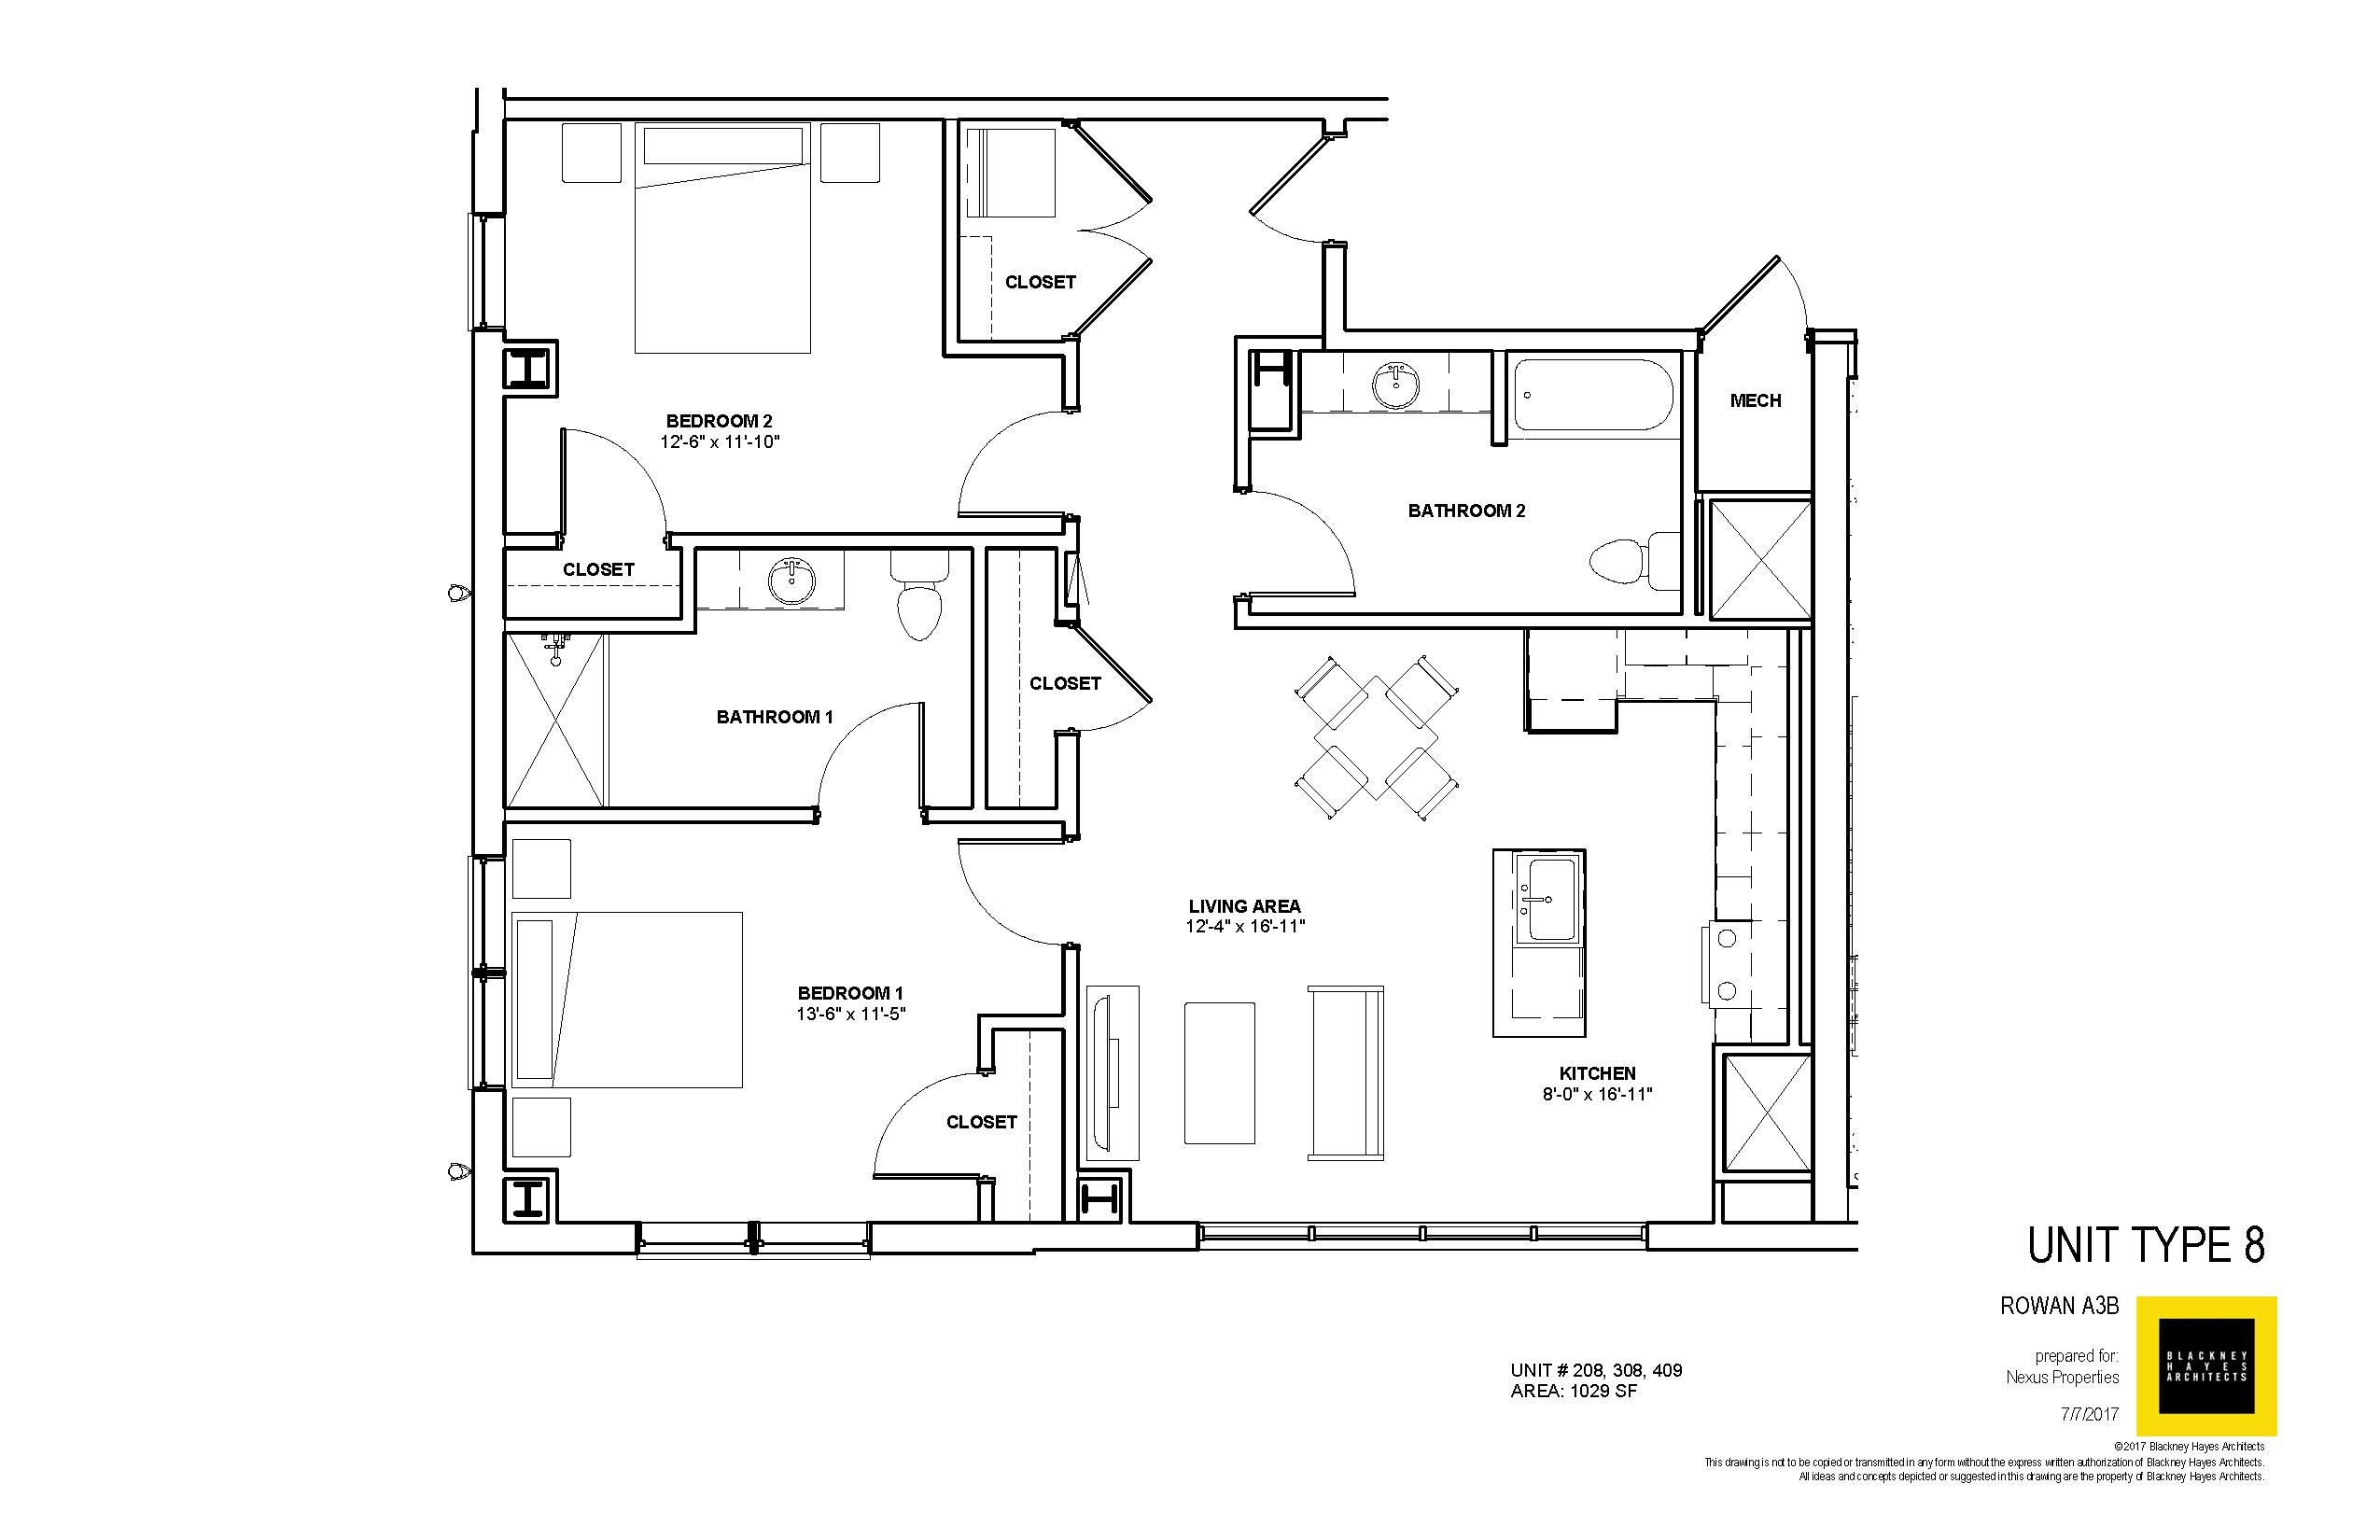 park place south floor plans nexus properties 208